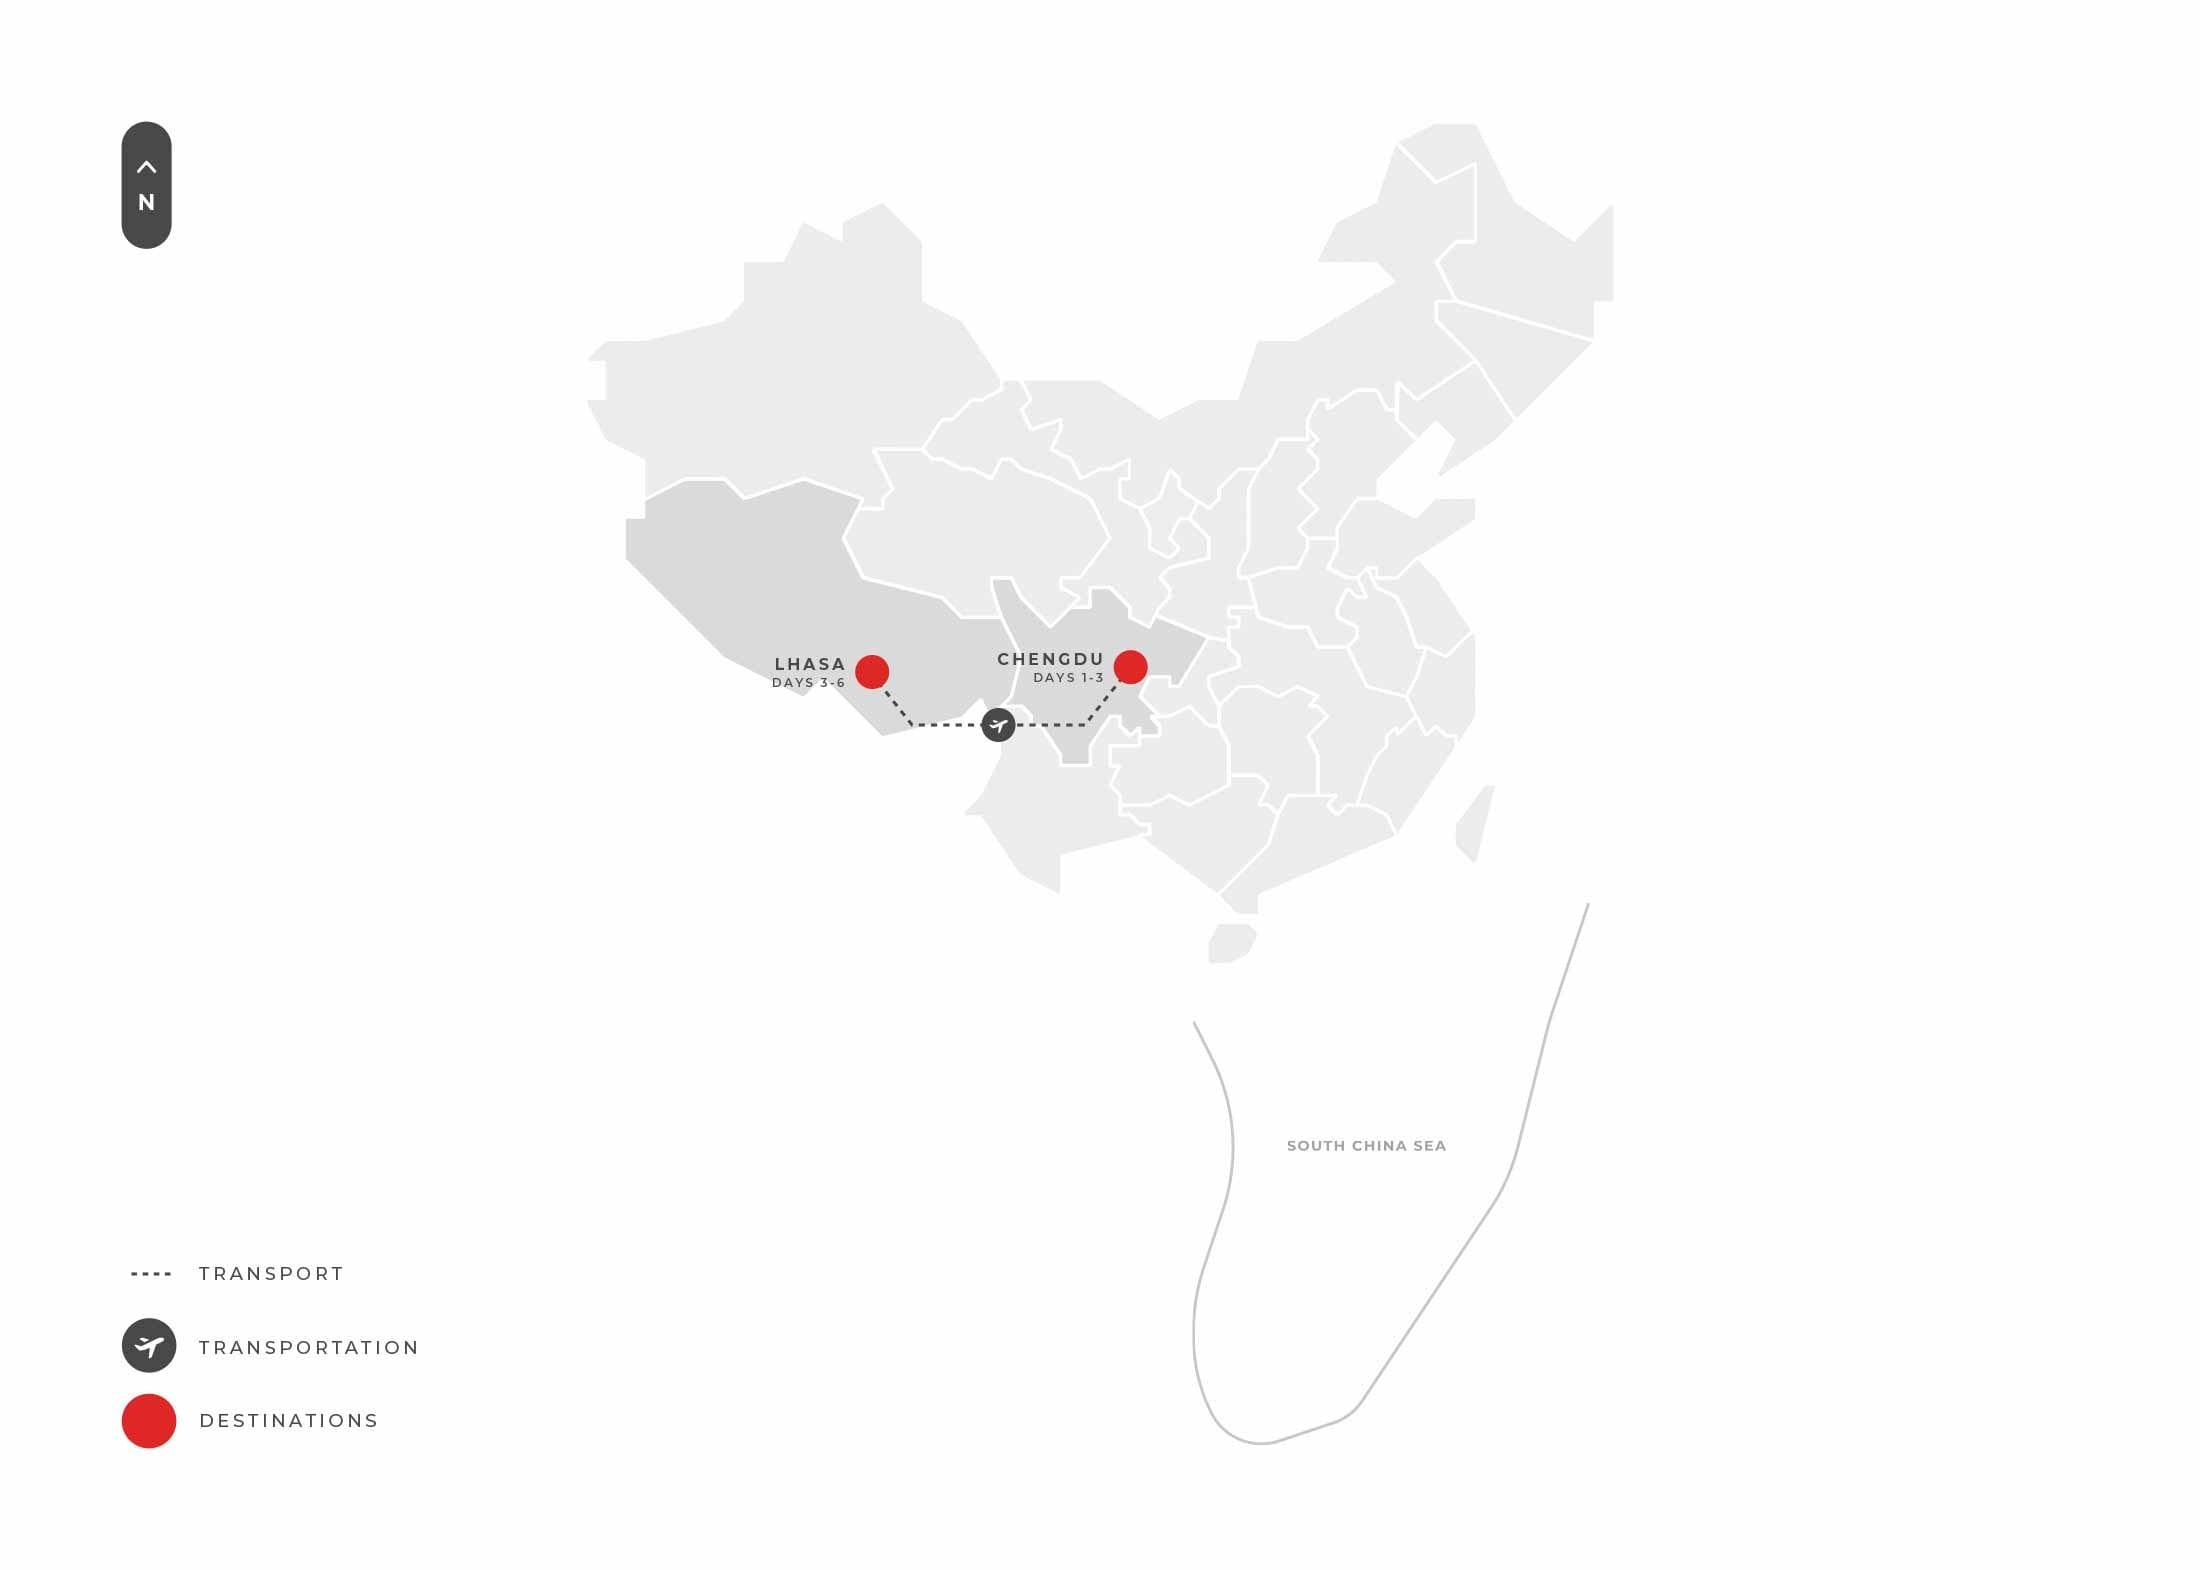 Chengdu 6 Days Chengdu And Lhasa Spotlight S